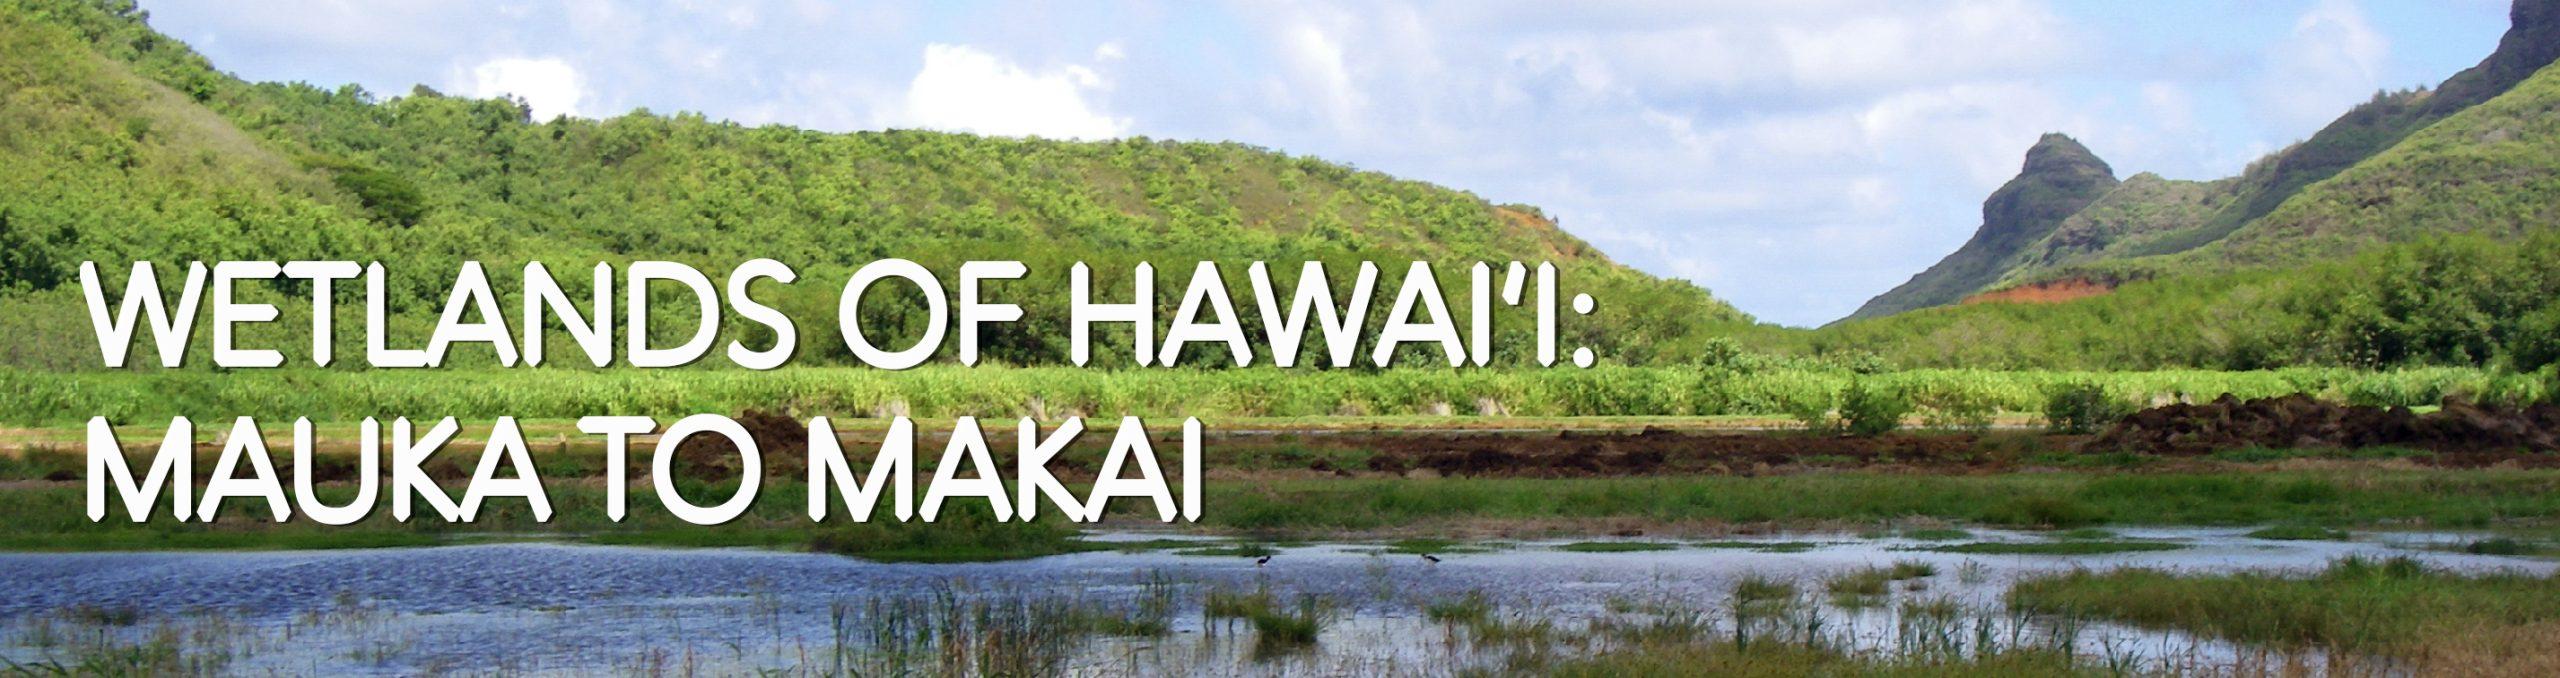 Banner image for wetlands